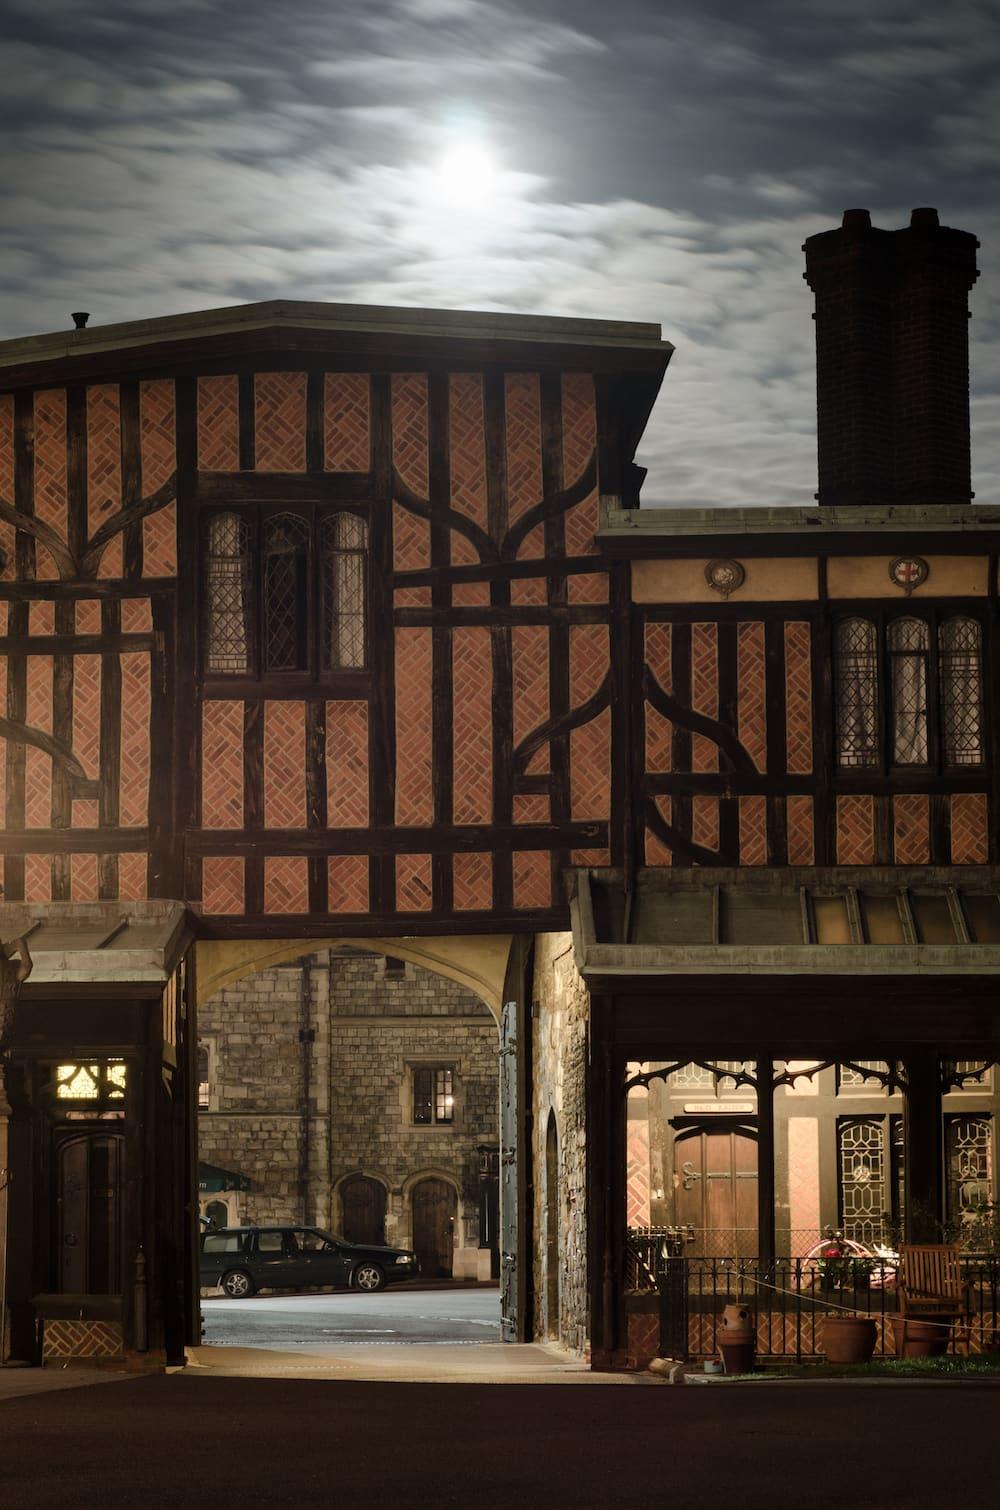 Windsor castle Tudor walls